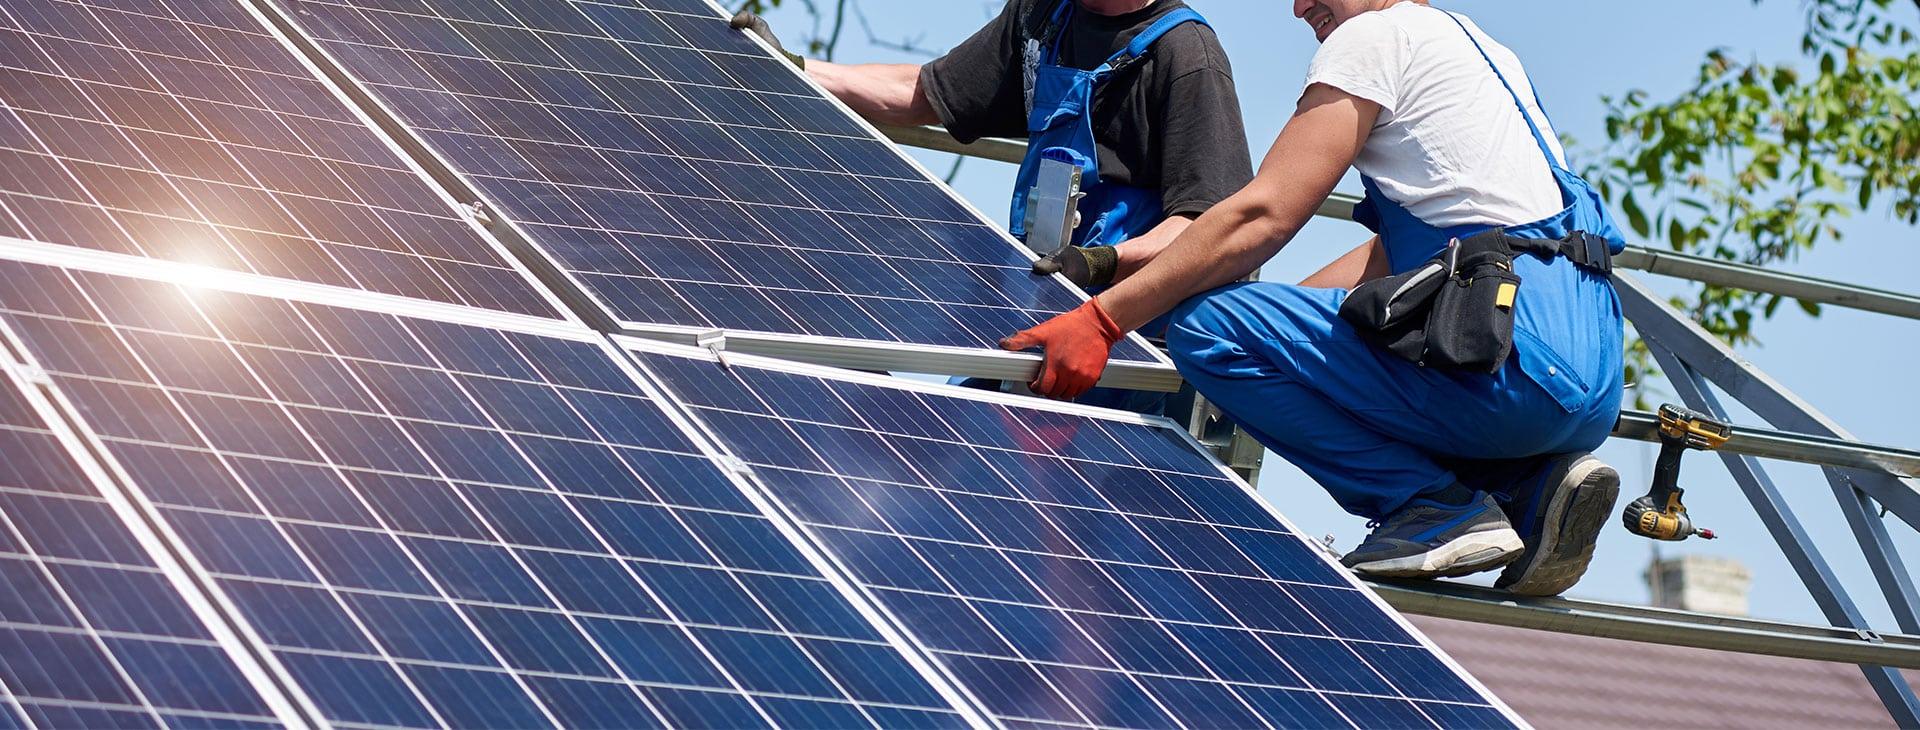 rentabilite solaire